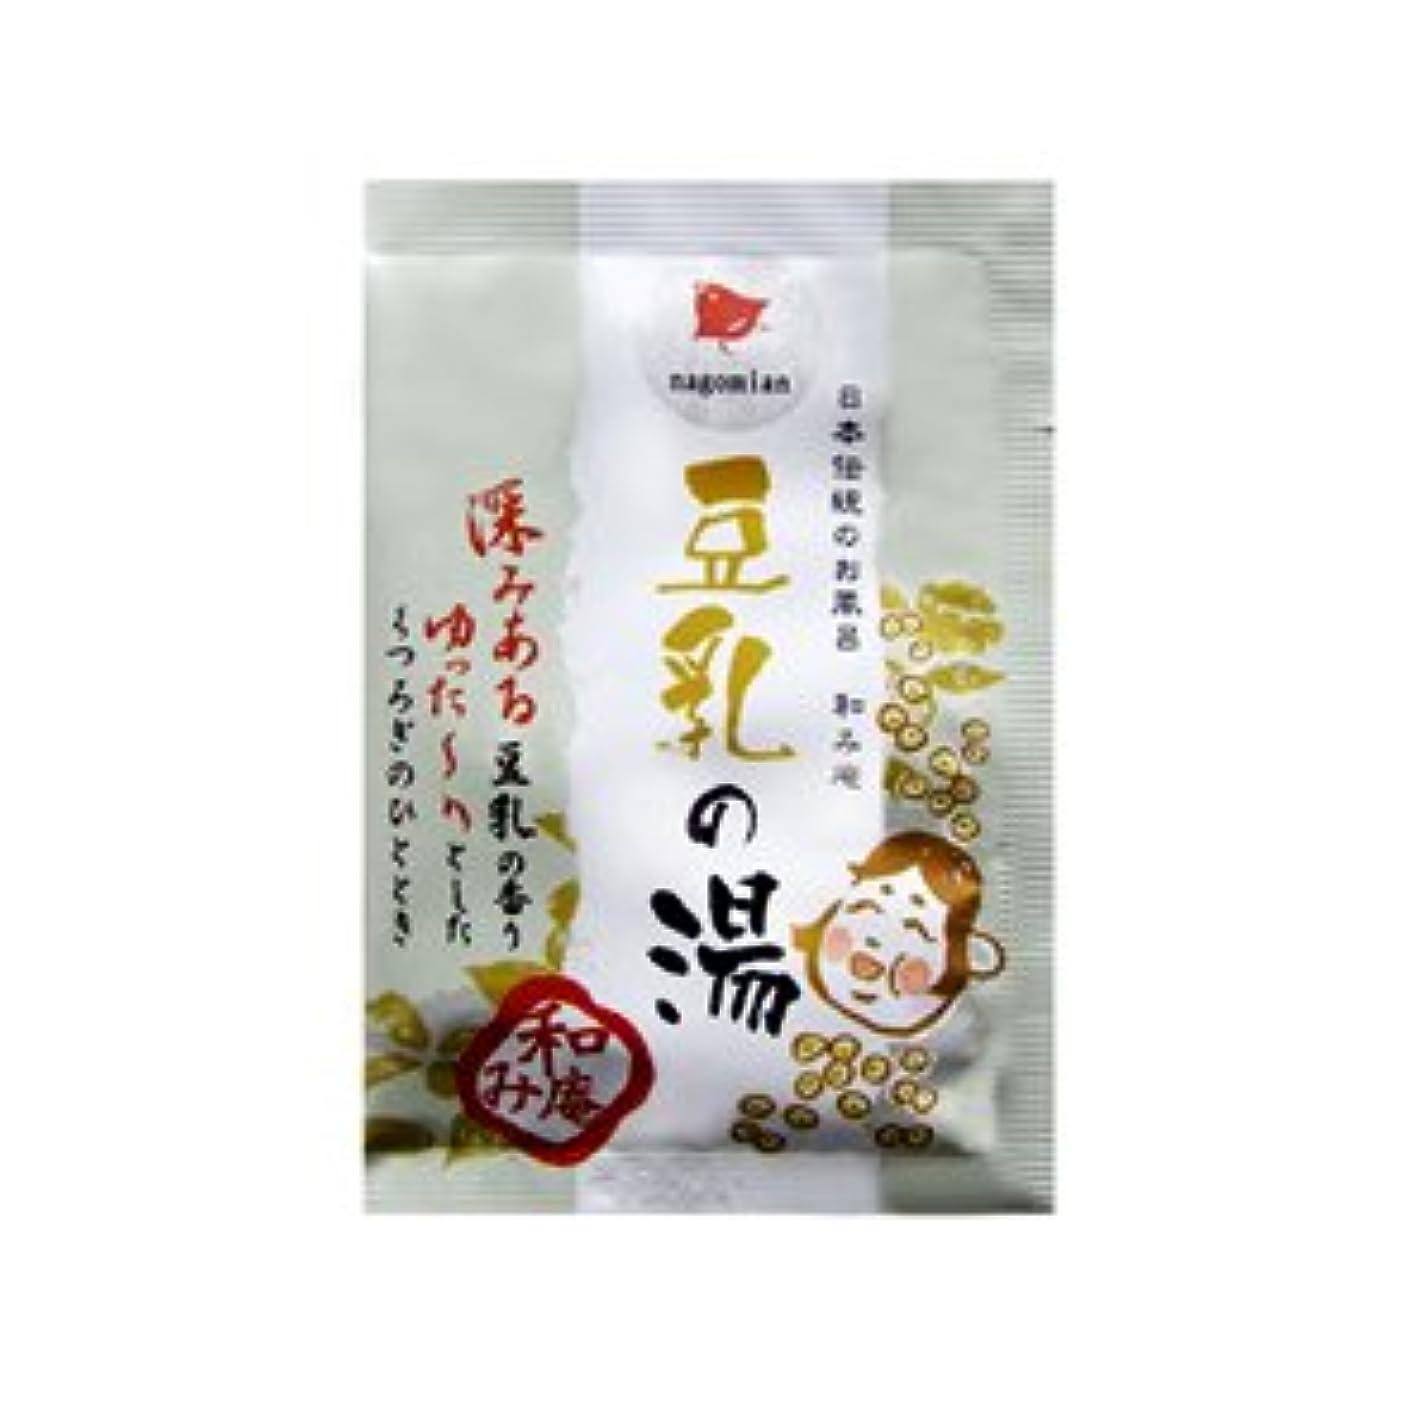 名声芽原子炉日本伝統のお風呂 和み庵 豆乳の湯 25g 10個セット